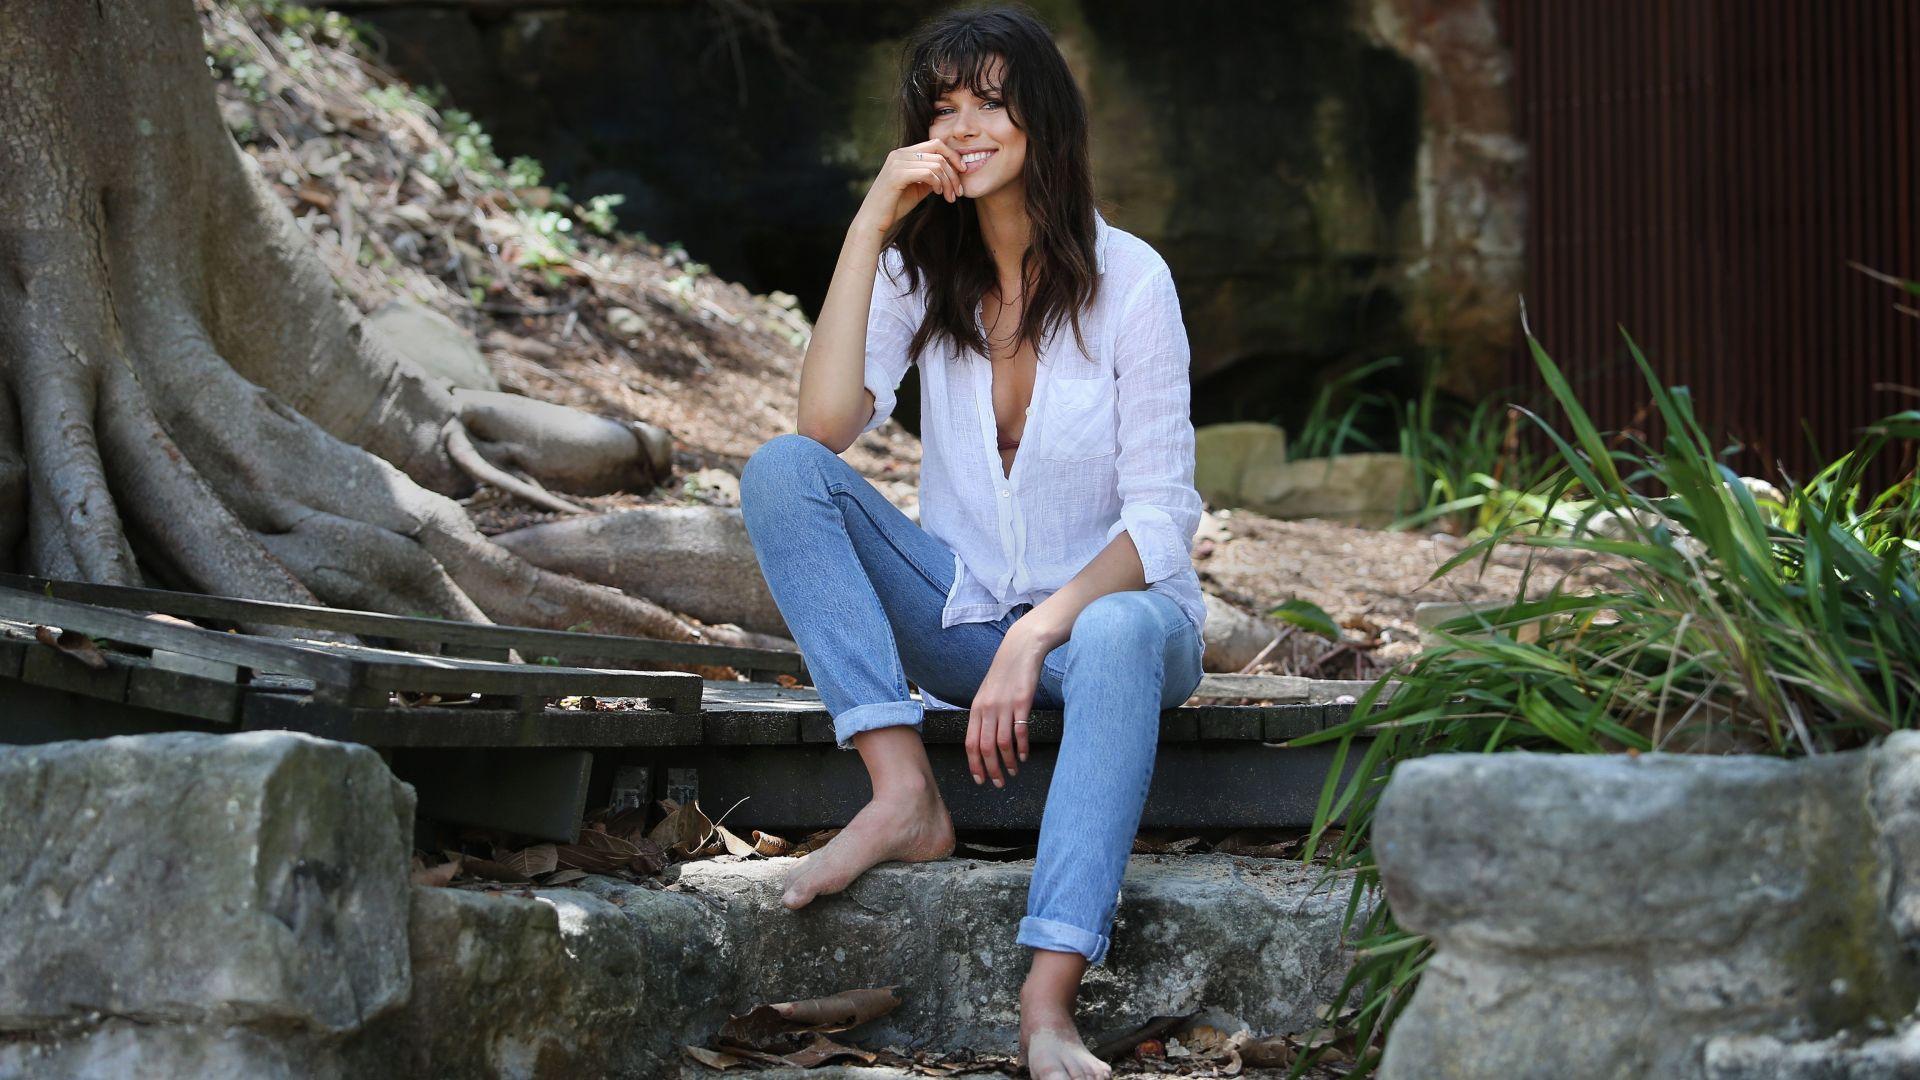 Wallpaper Georgia Fowler, white shirt, jeans, sit, model